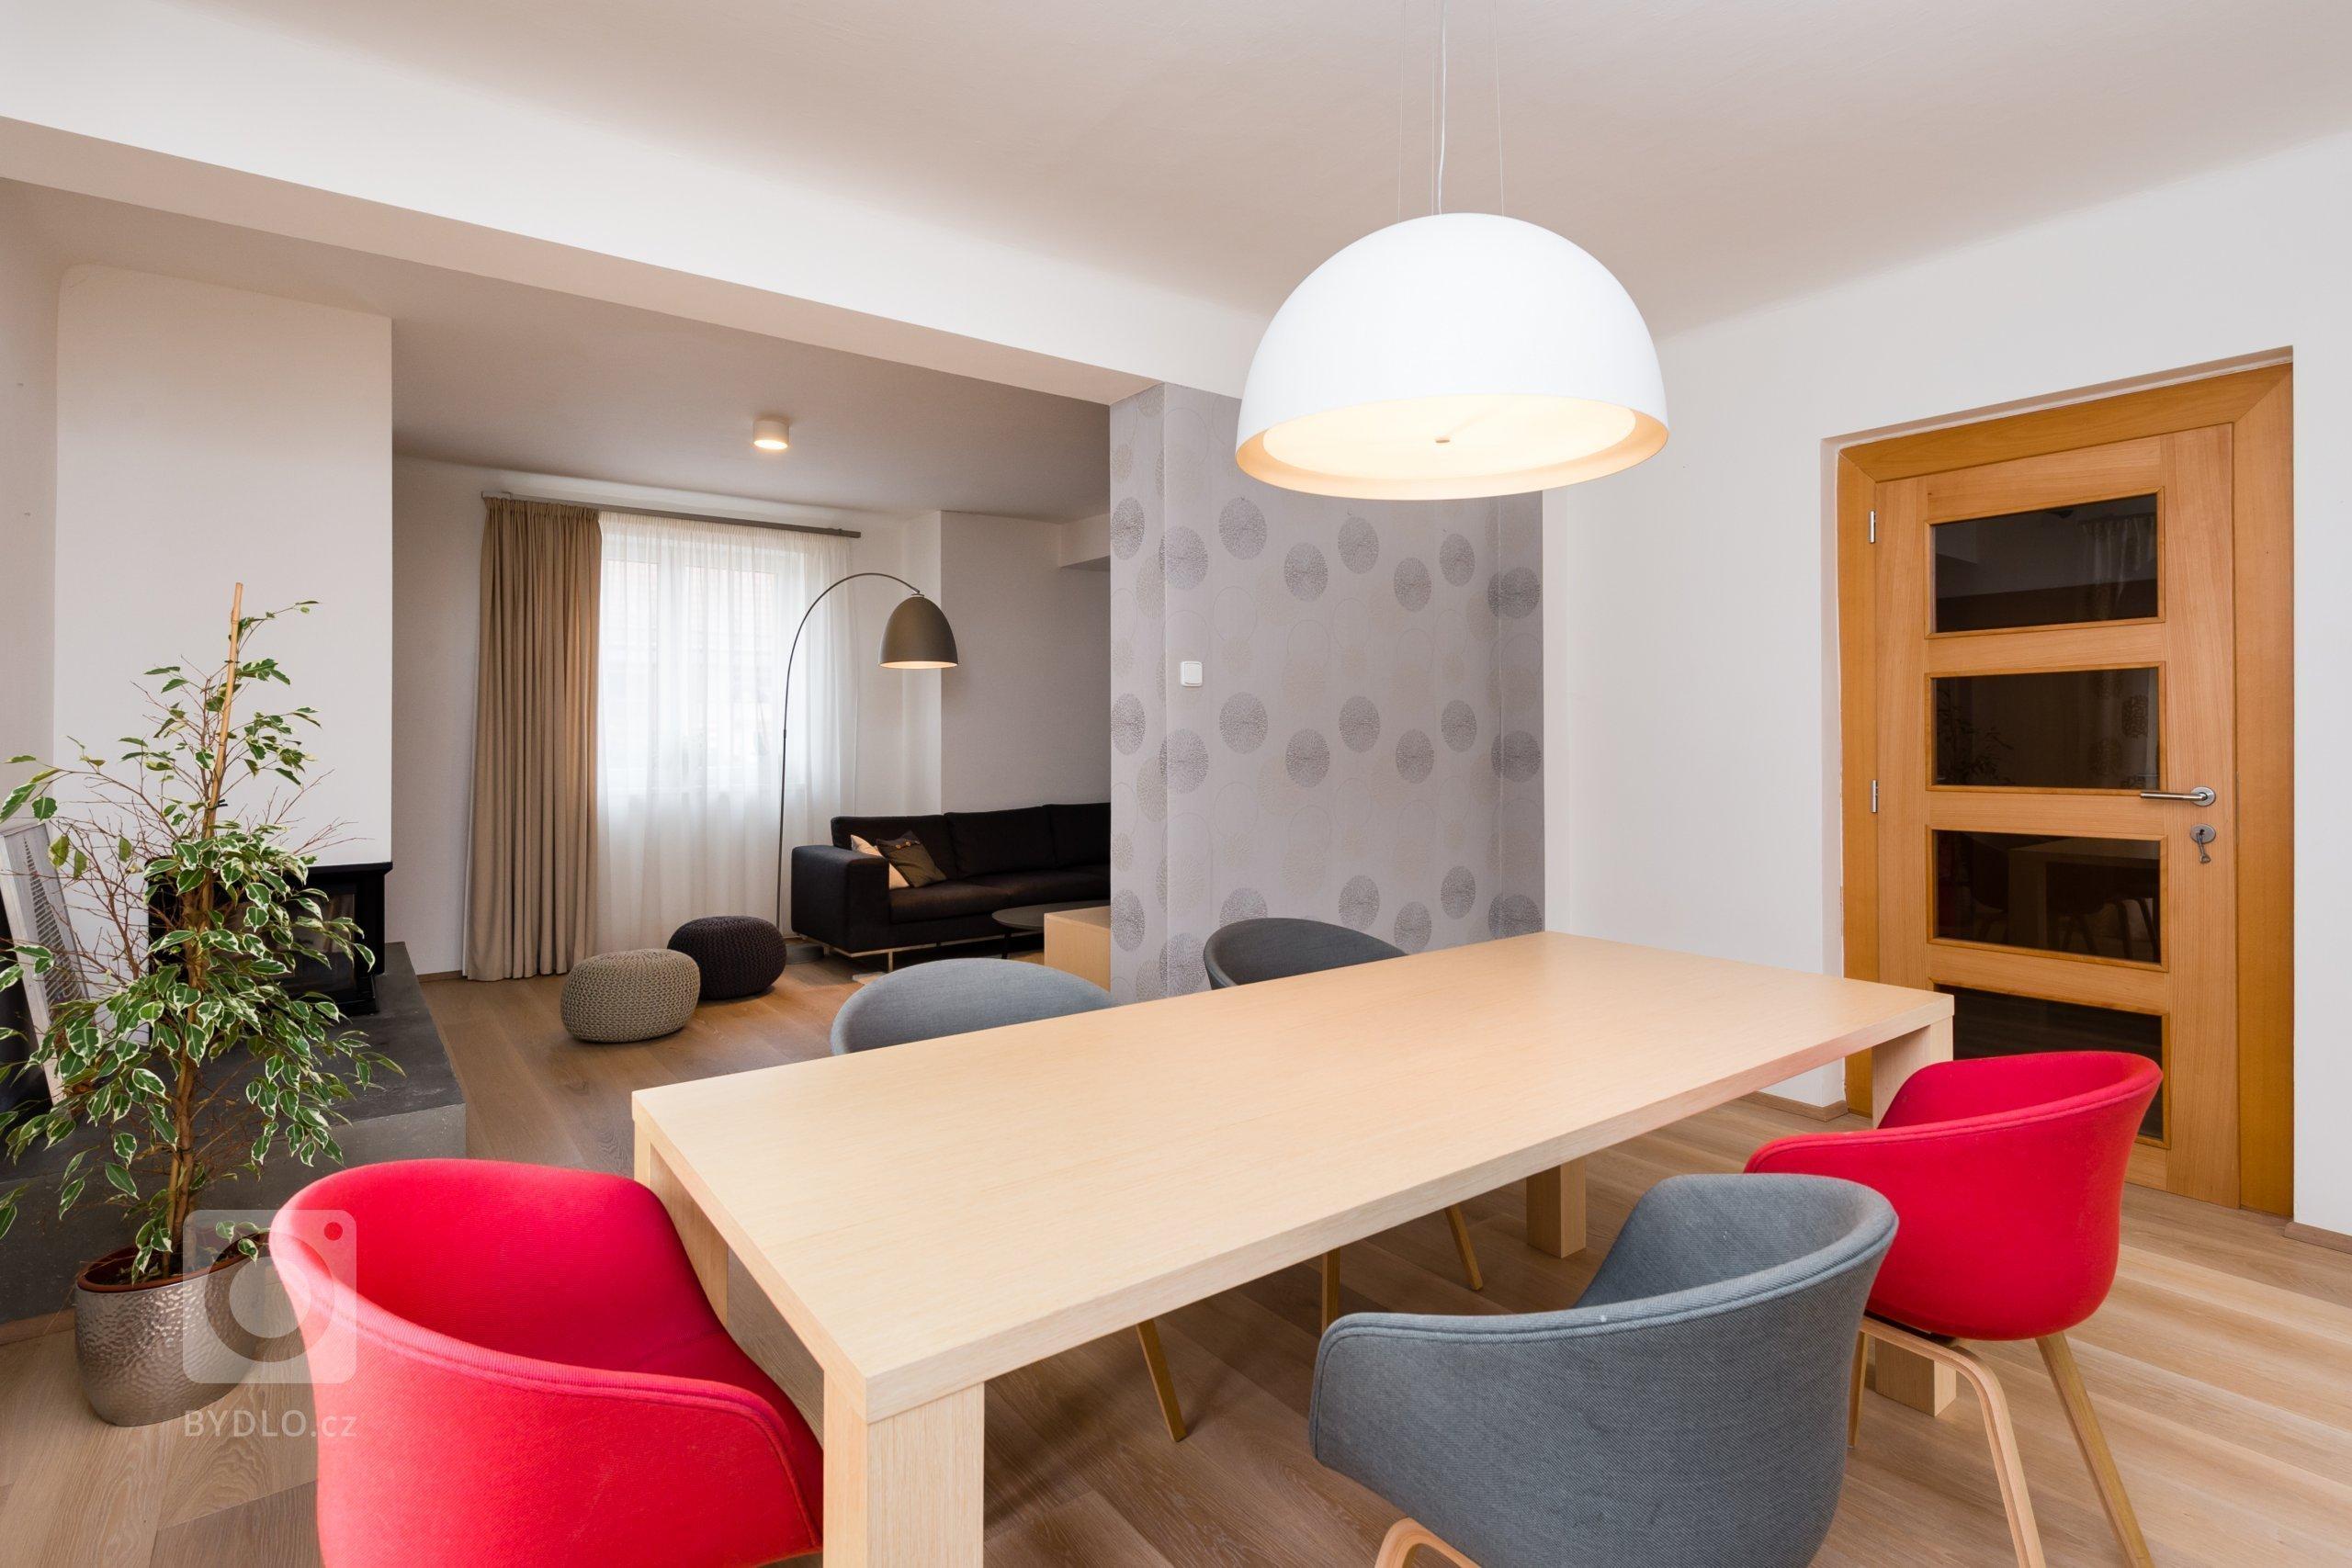 Interiér domu z devadesátých let potřeboval rekonstrukci. Jde o kuchyň s jídelnou a obývací pokoj. Majitelé mají rádi jednoduchý design, střídmou barevnost a…